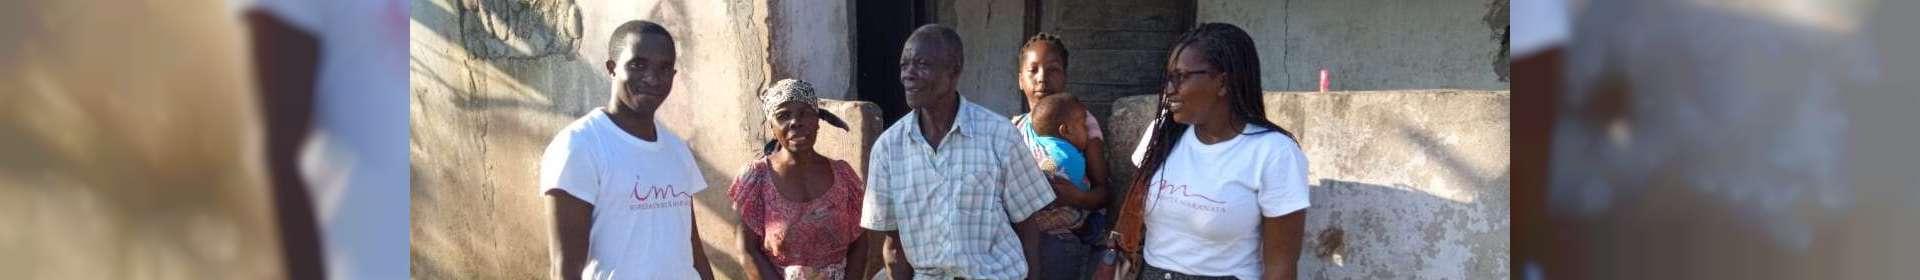 Membros da ICM em Beira, Moçambique, recebem doações enviadas de Maputo